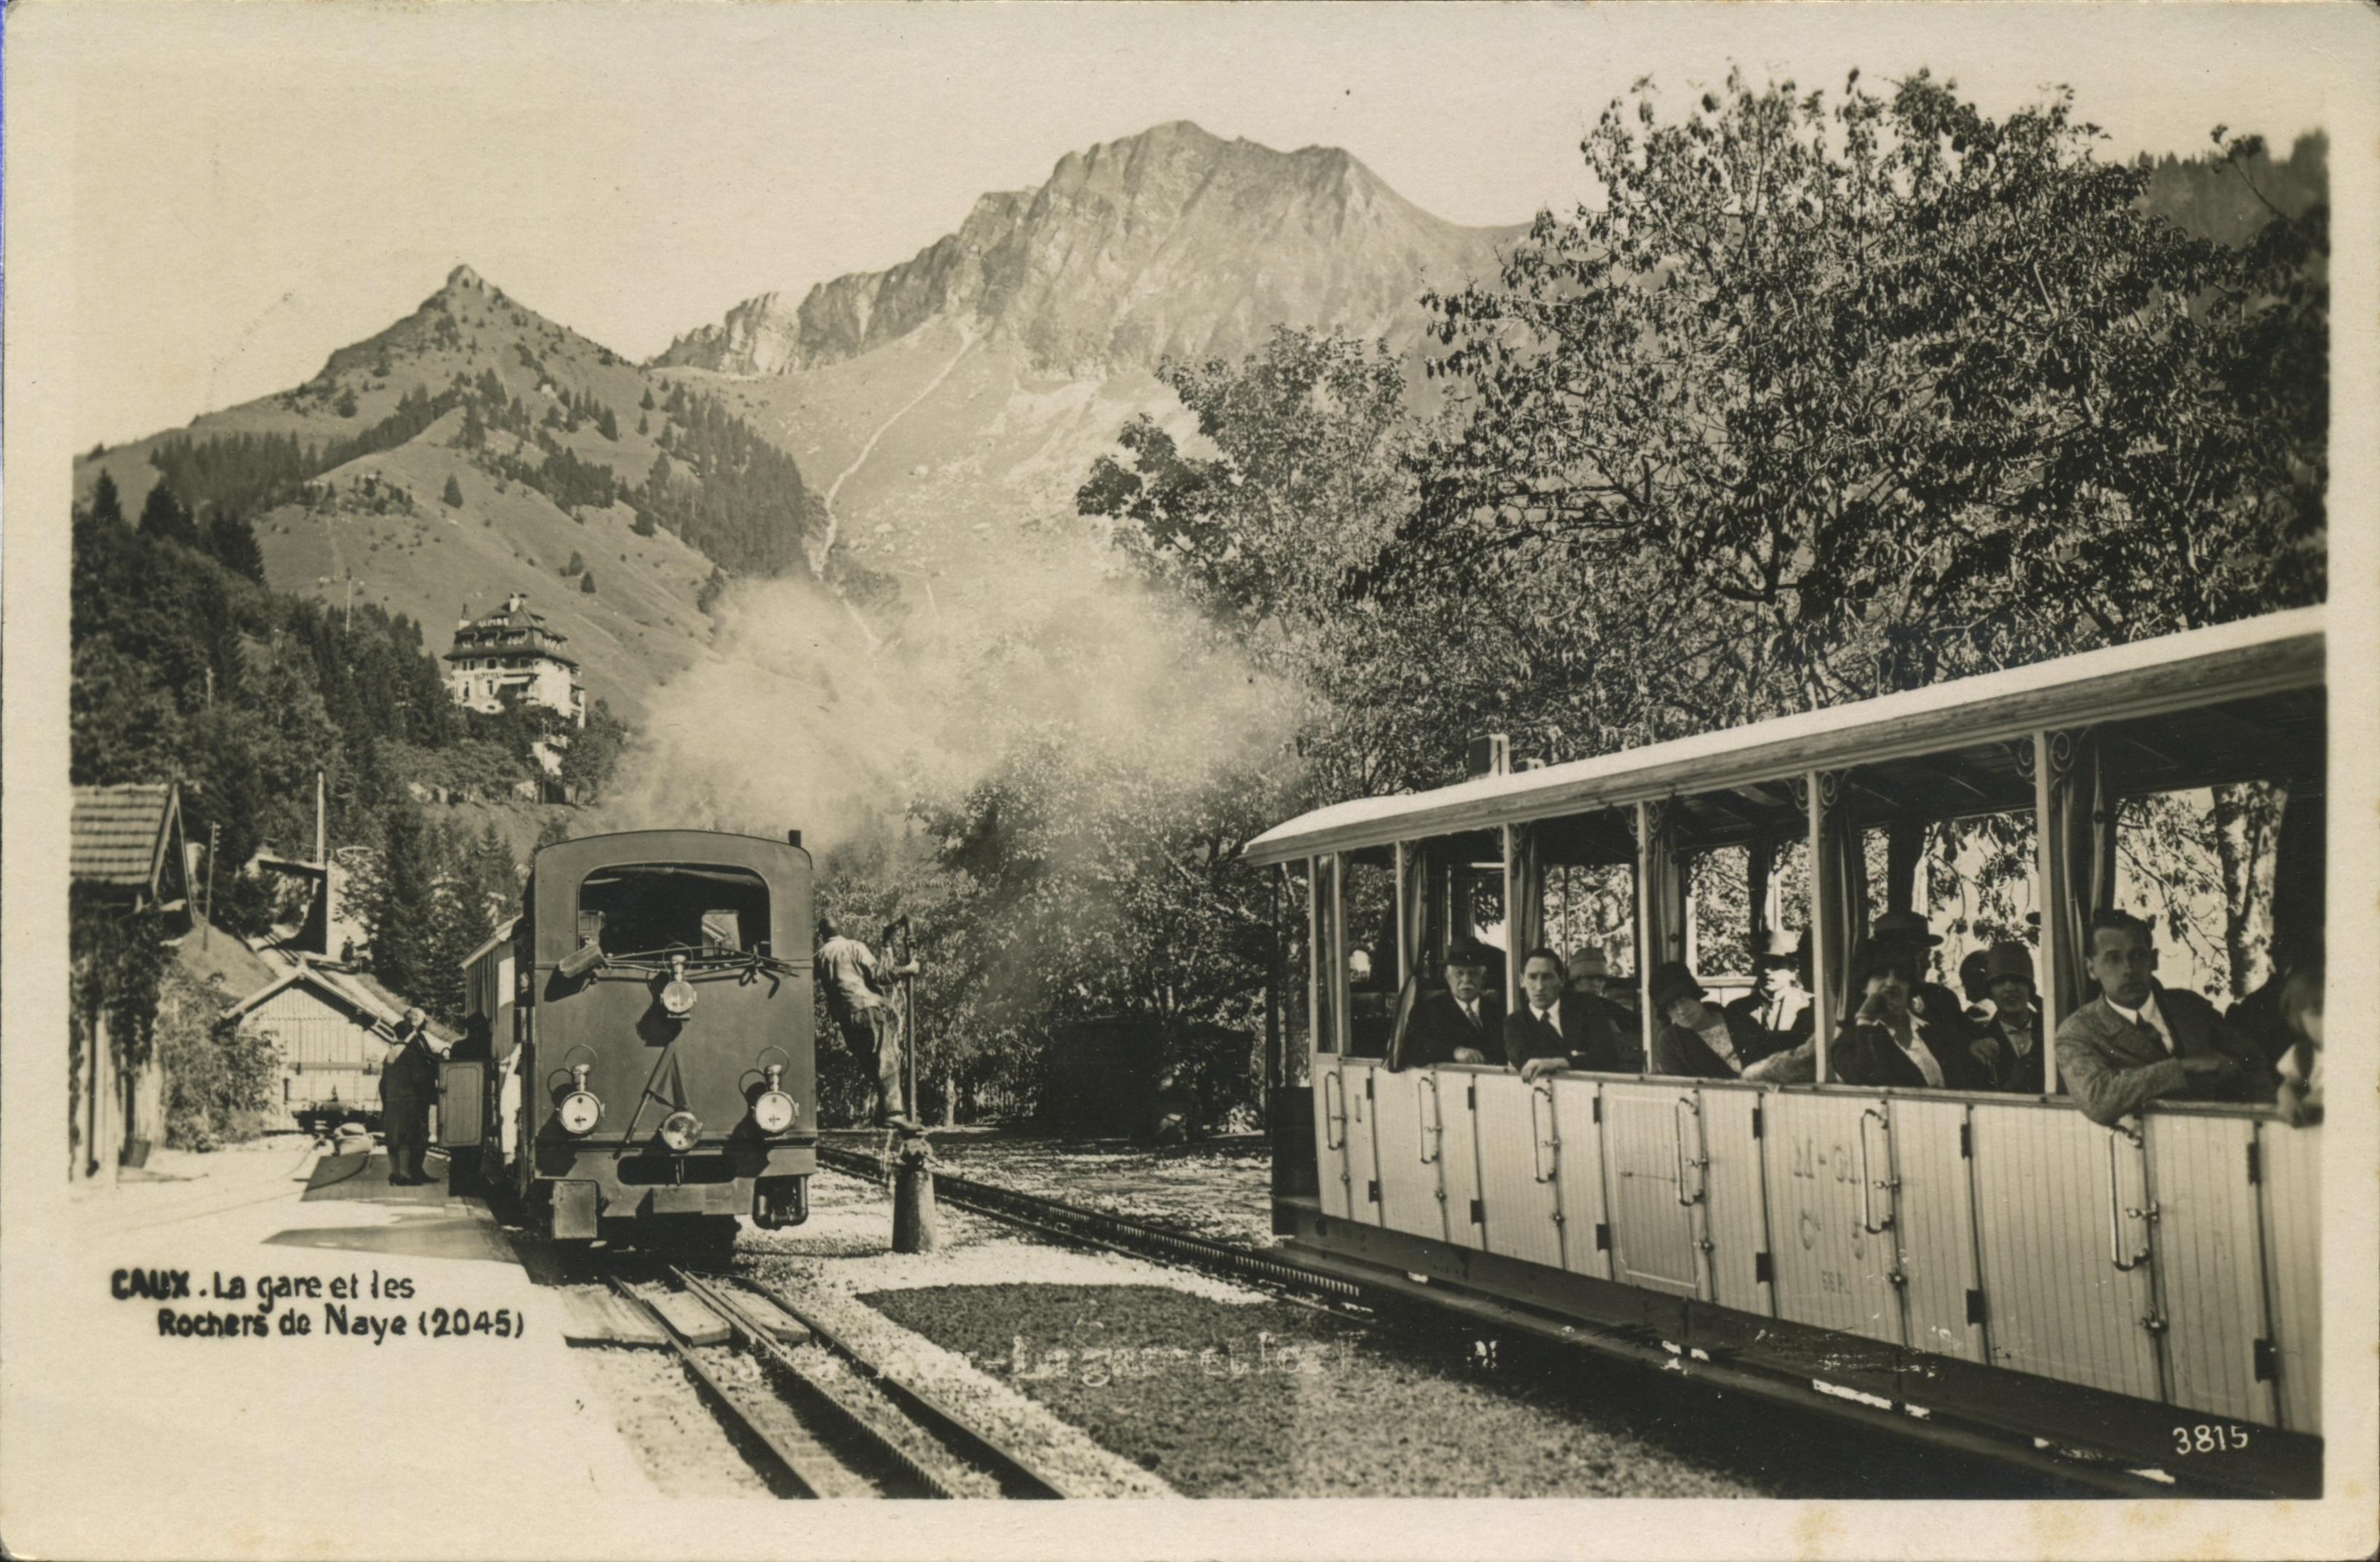 Le  train des montagnes